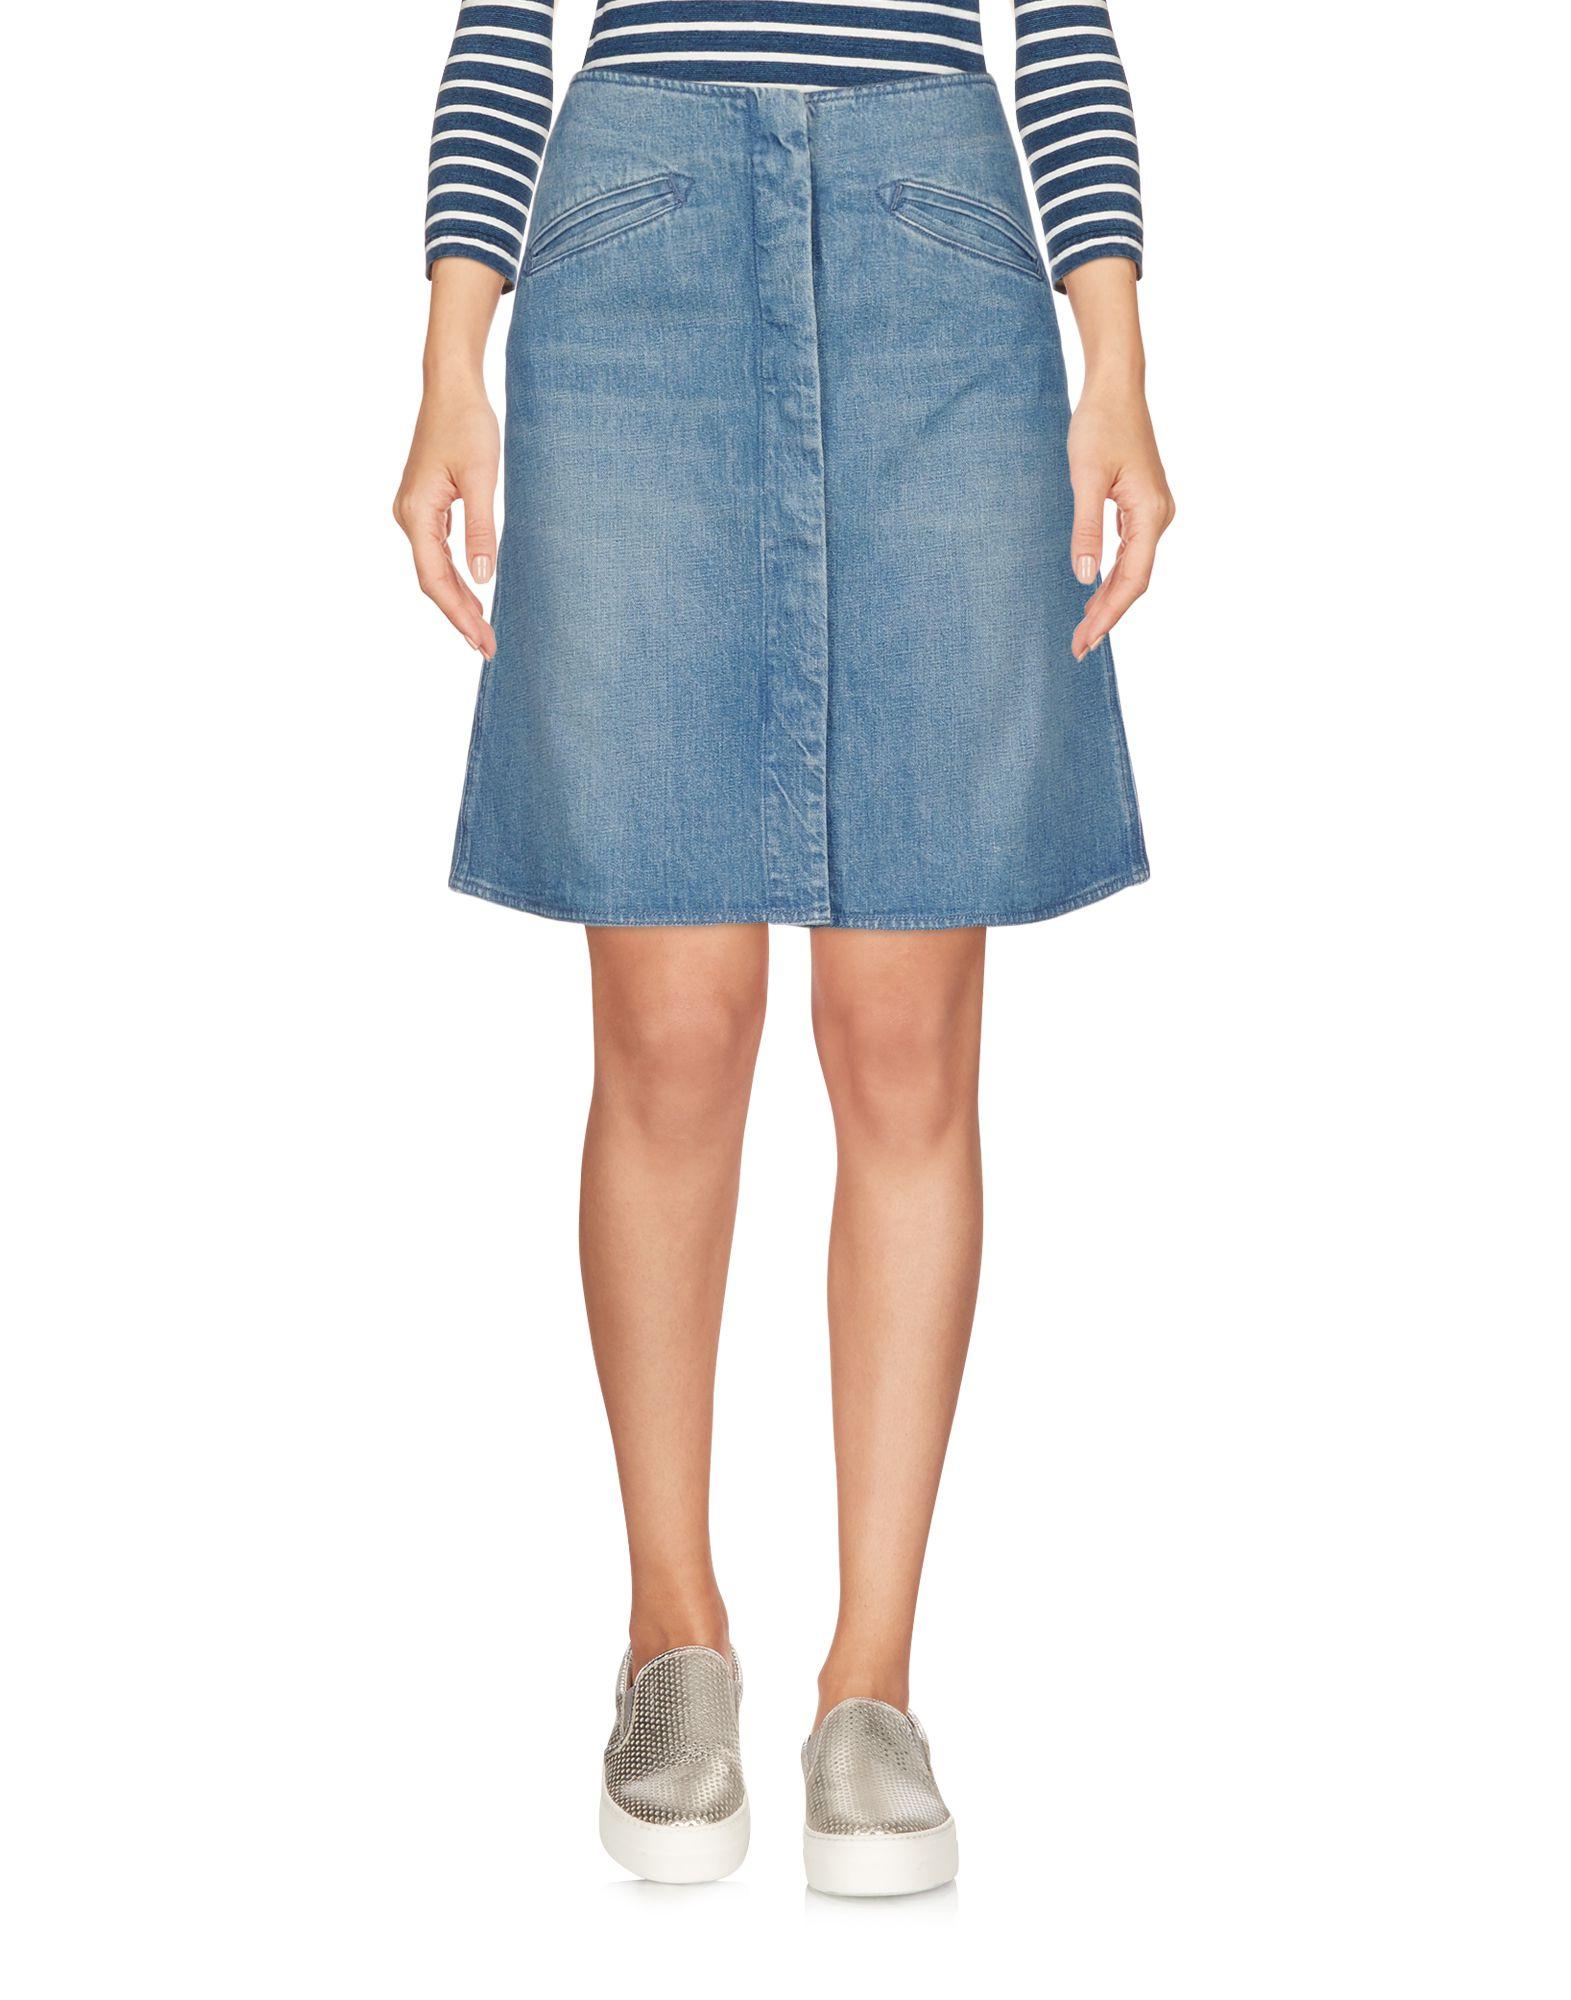 《送料無料》M.I.H JEANS レディース デニムスカート ブルー XS コットン 100%